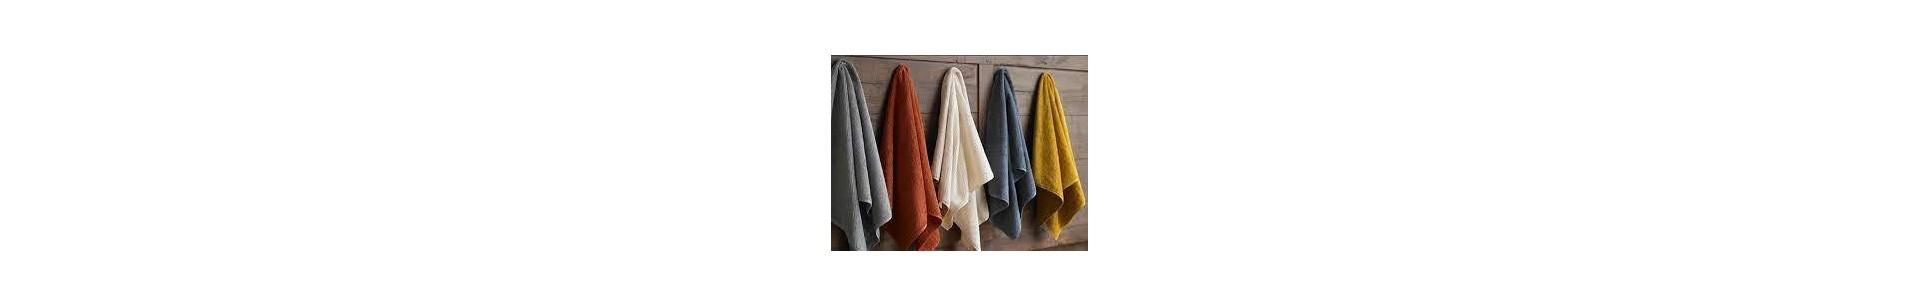 Ropa de baño de diferentes estilos y colores